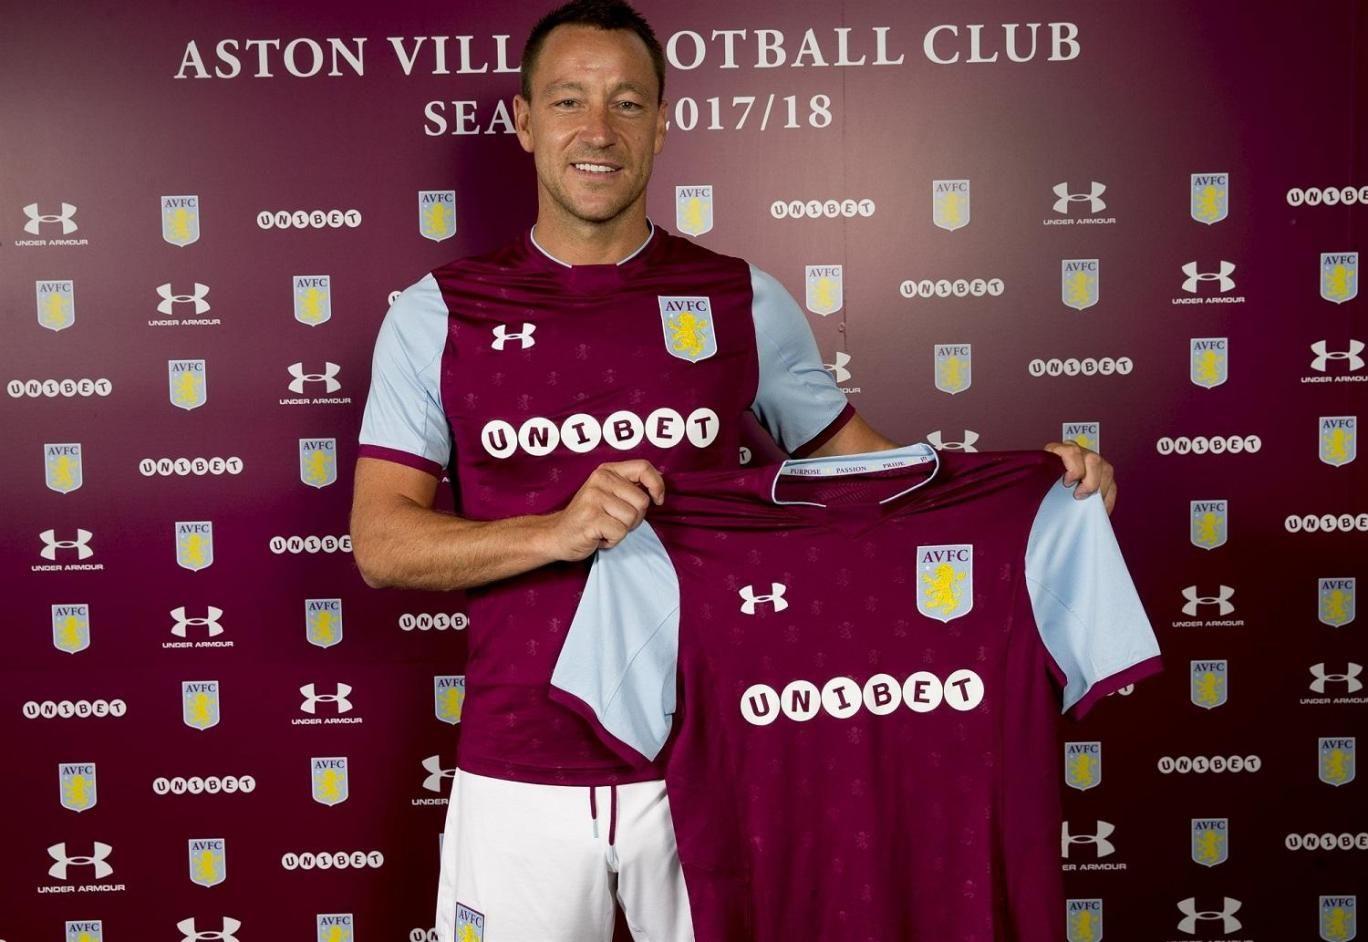 John Terry signs for Aston Villa Read the full transcript